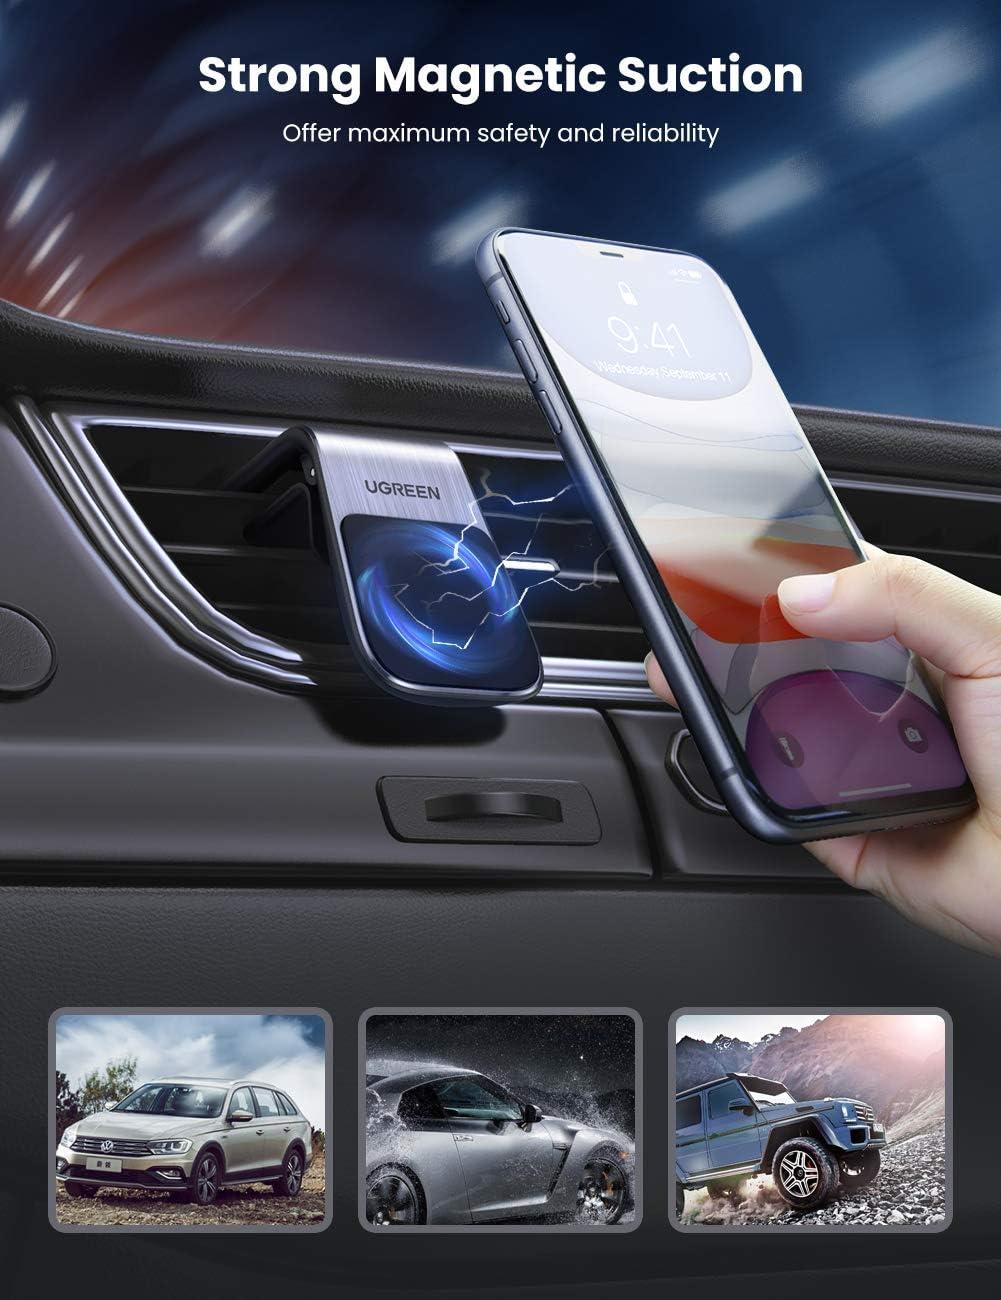 UGREEN Supporto Smartphone Auto Magnetico Porta Cellulare da Auto Ventilazione Universale 5 Magneti Protezione Anticaduta Mini Supporto Calamita Compatibile con iPhone Samsung Huawei Smartphone